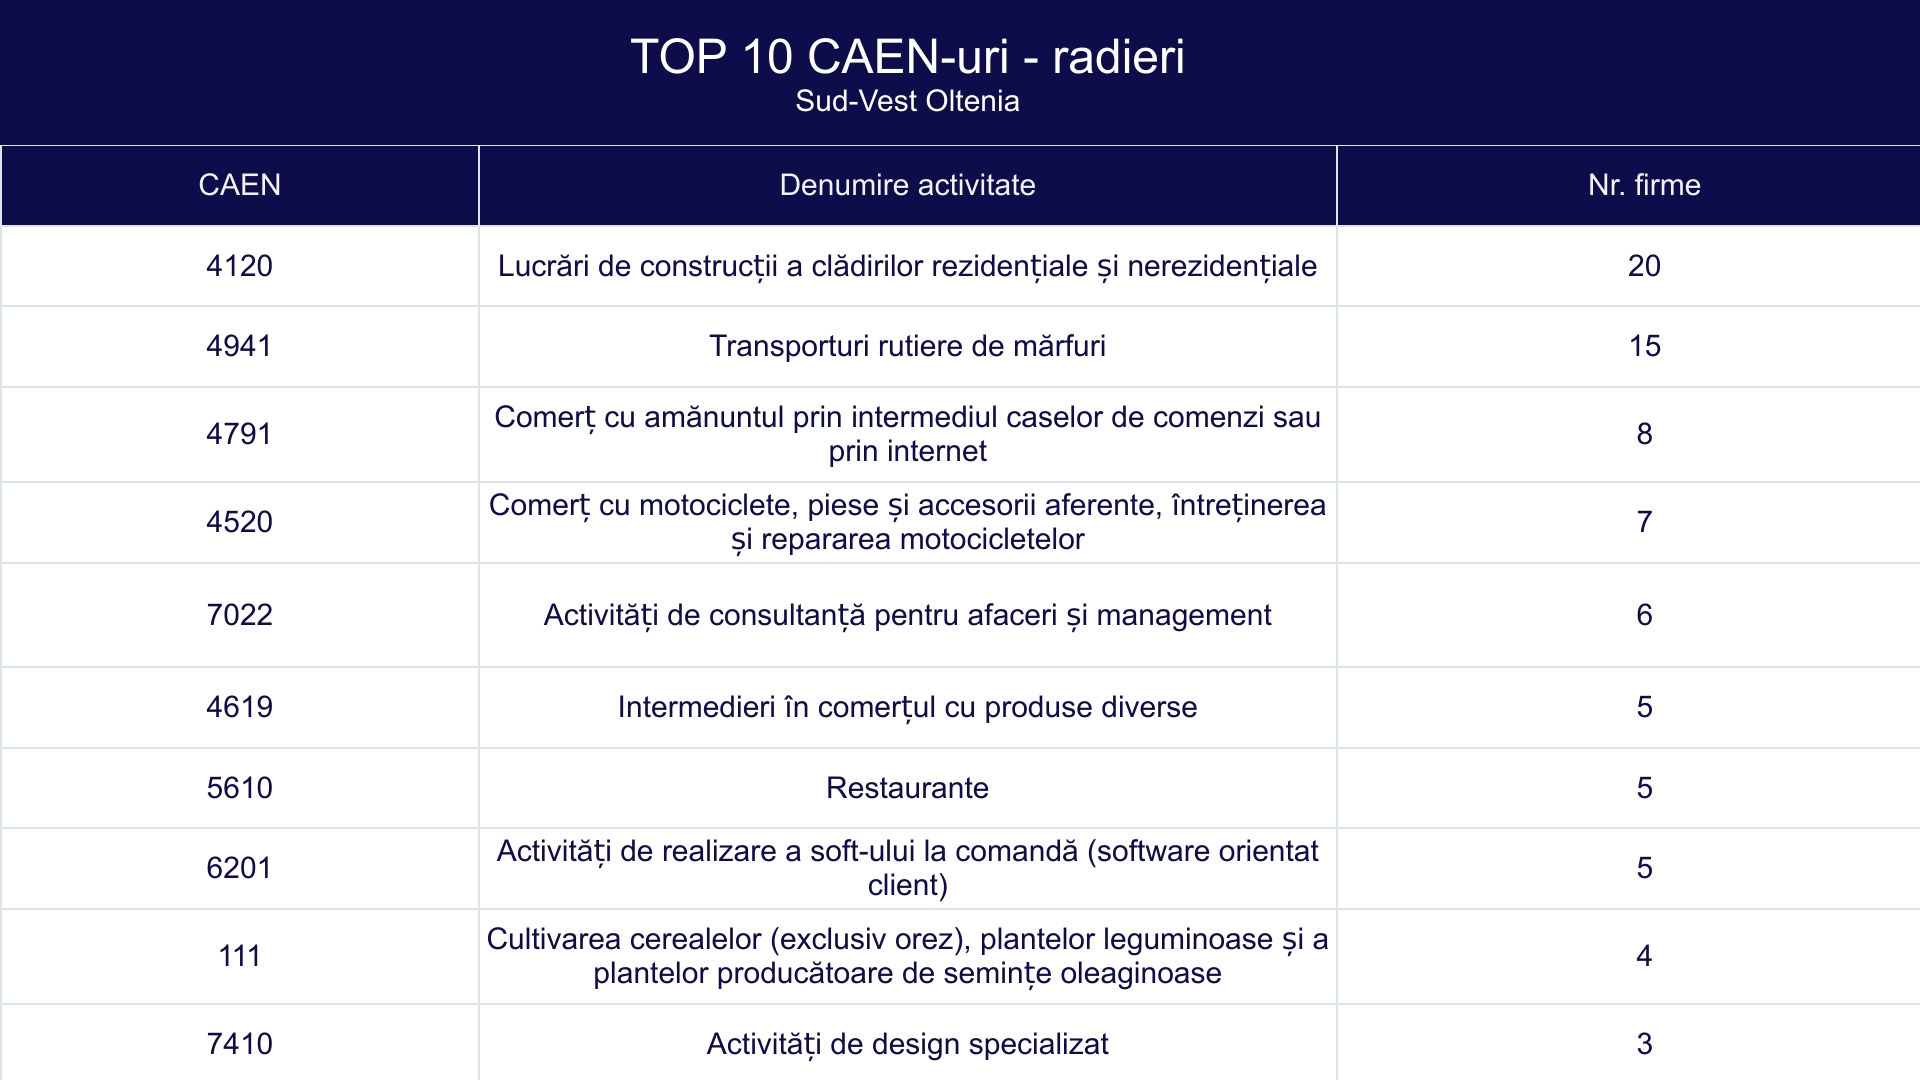 TOP 10 CAEN-uri - radieri -Sud-Vest Oltenia